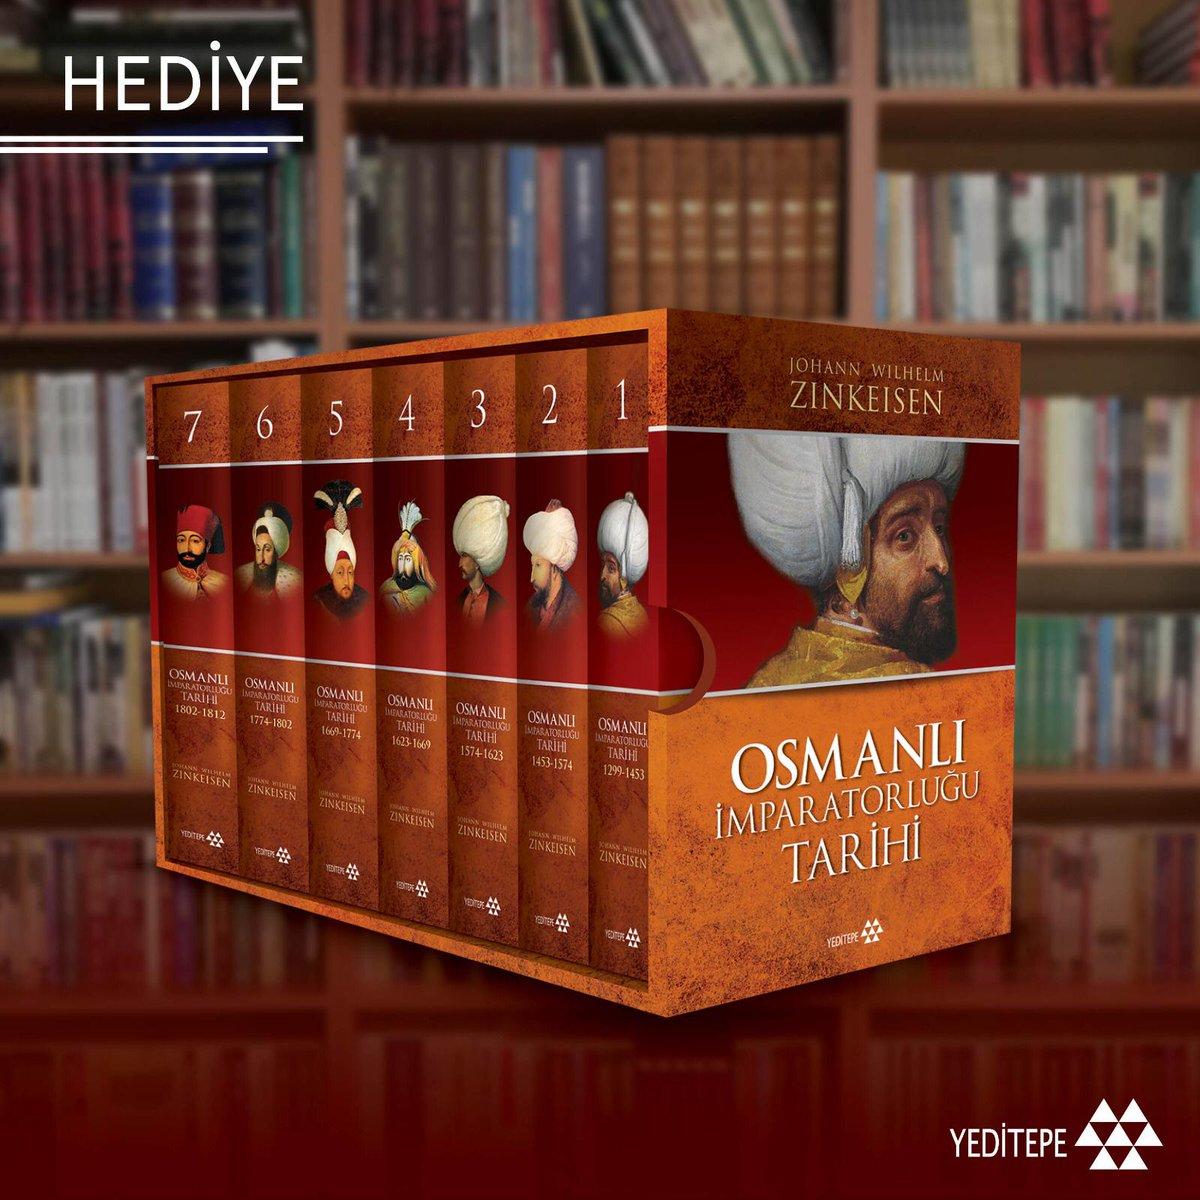 """ÇEKİLİŞ  Bu tweeti RT edip hesabımızı ve @yeditepekitap'ın YouTube kanalını takip eden bir kişiye Zinkeisen'in """"Osmanlı İmparatorluğu Tarihi 1299-1812"""" kitabını hediye ediyoruz.   (Kanala abone olduğunuza dair ekran görüntüsü atmanız yeterli.)  Link: https://t.co/85yzdT1mX3 https://t.co/DJgQWVjpgH"""